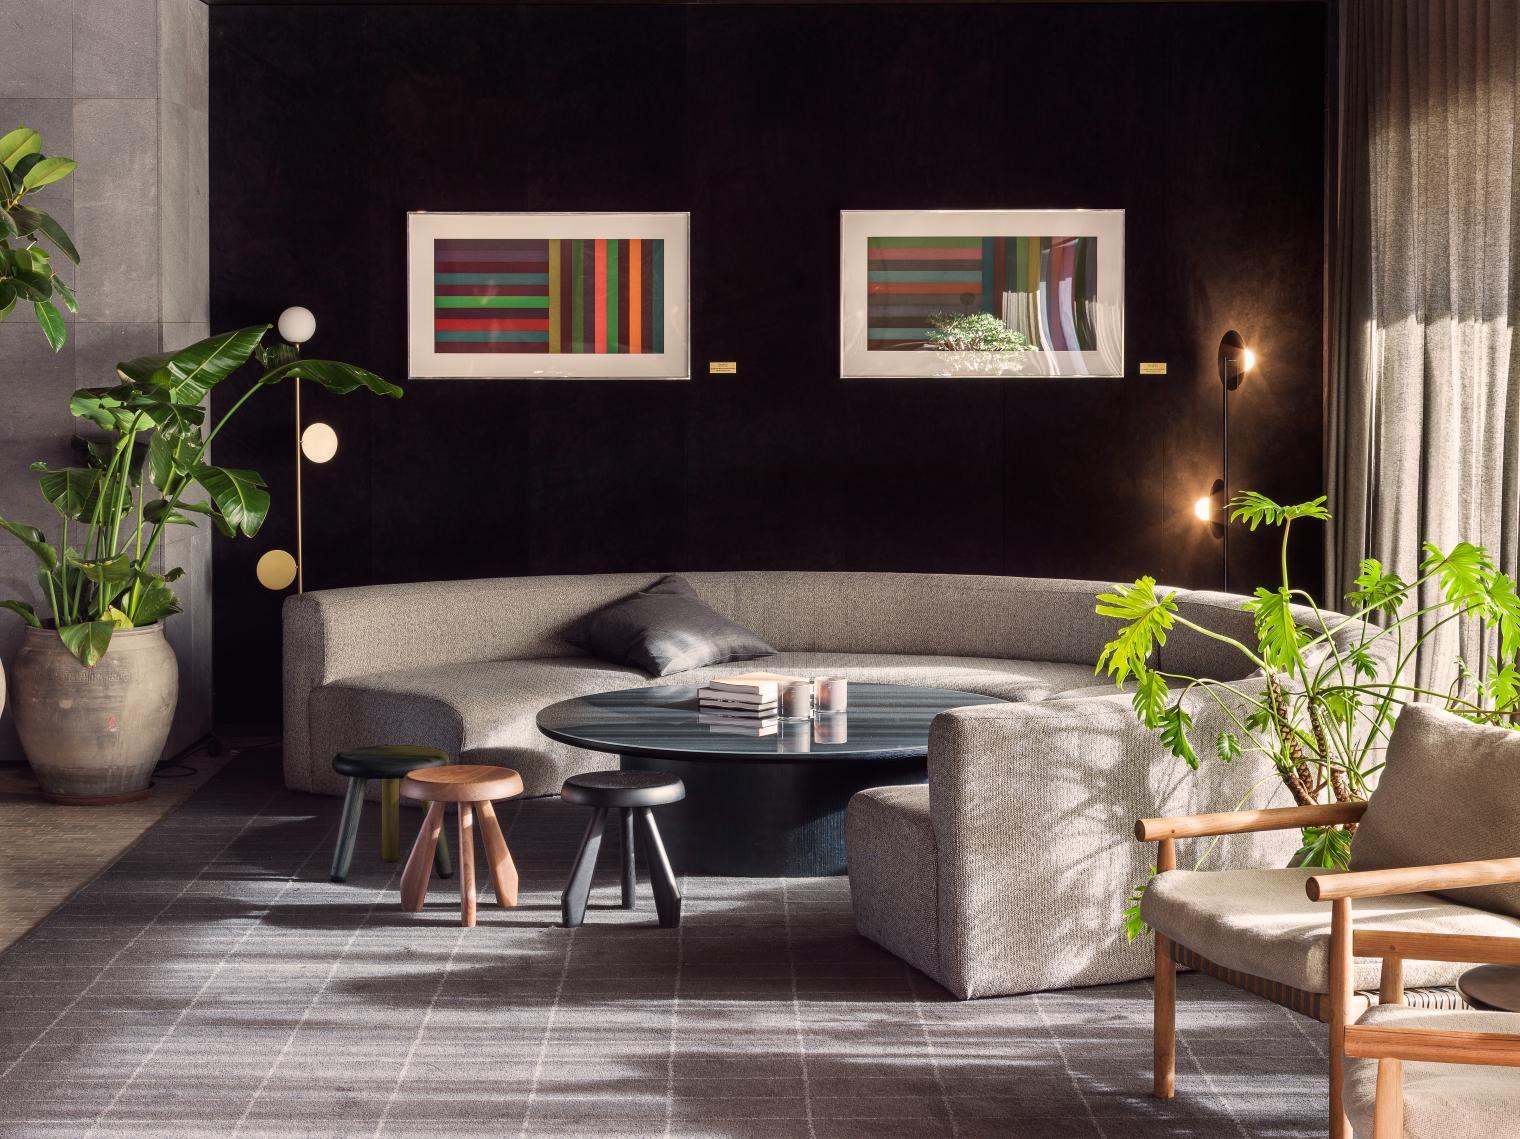 Venue Report ^ Our Favorite Scandi Design Spots Around the World